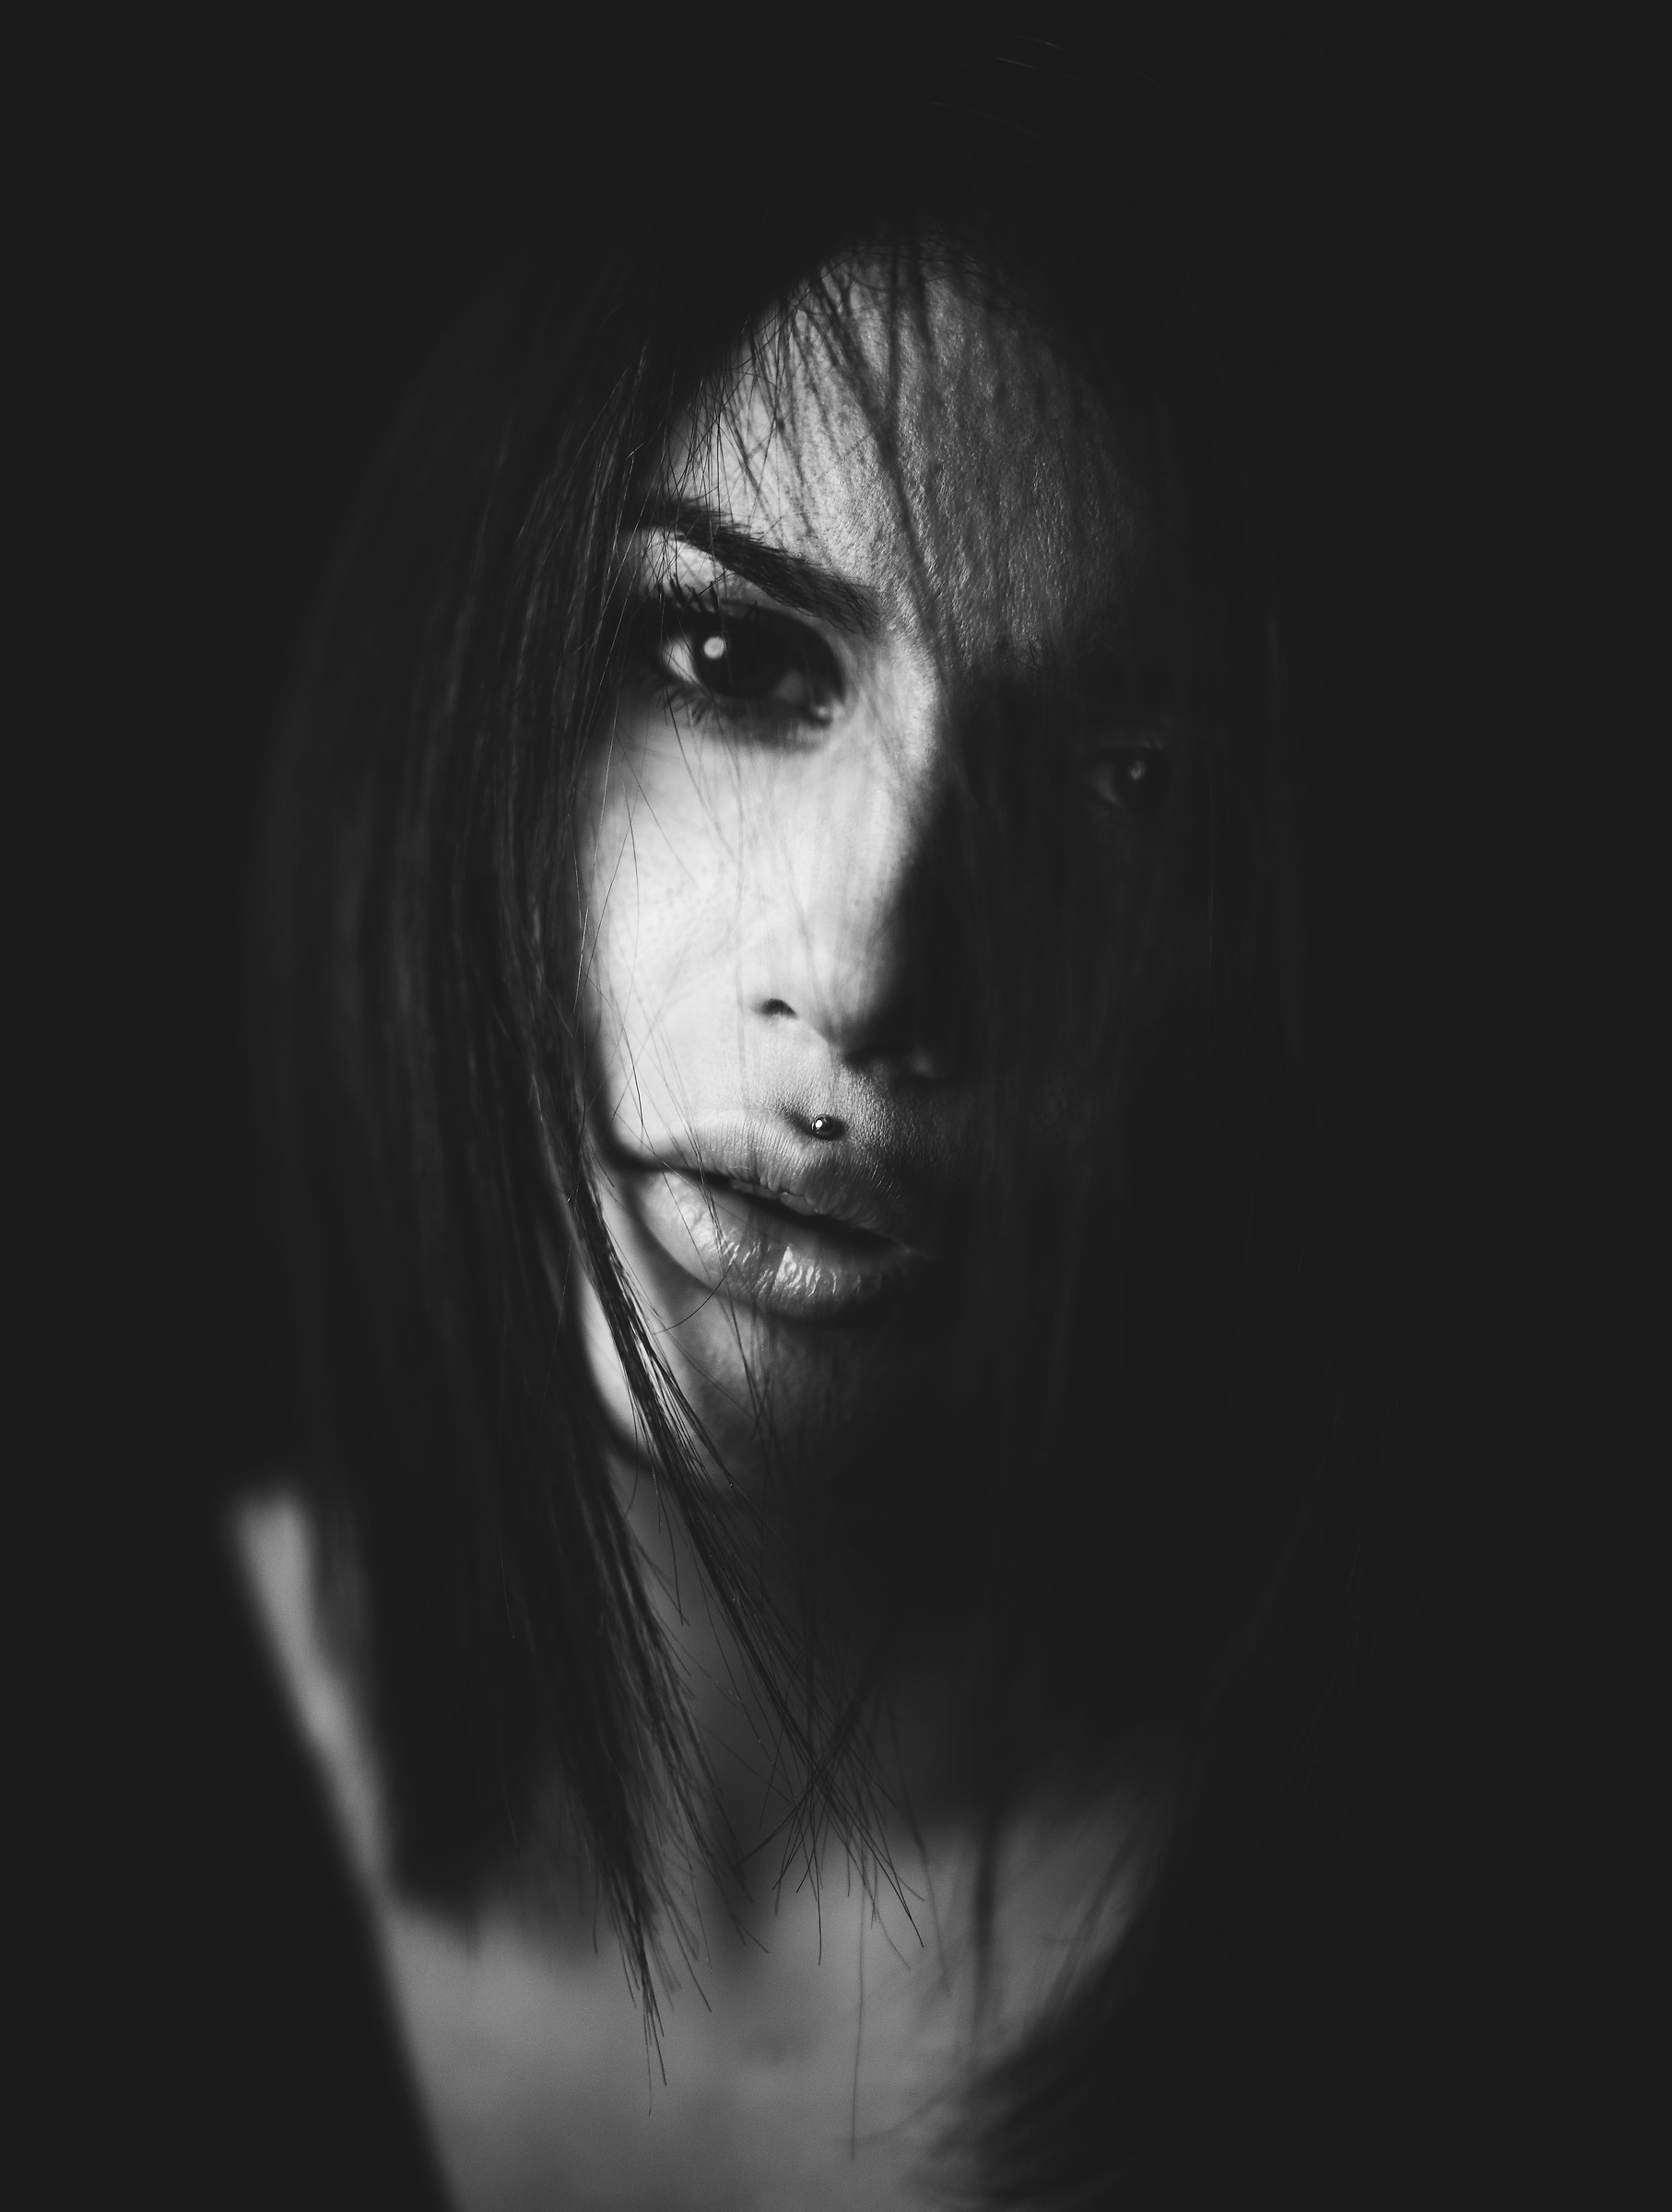 Black soul...